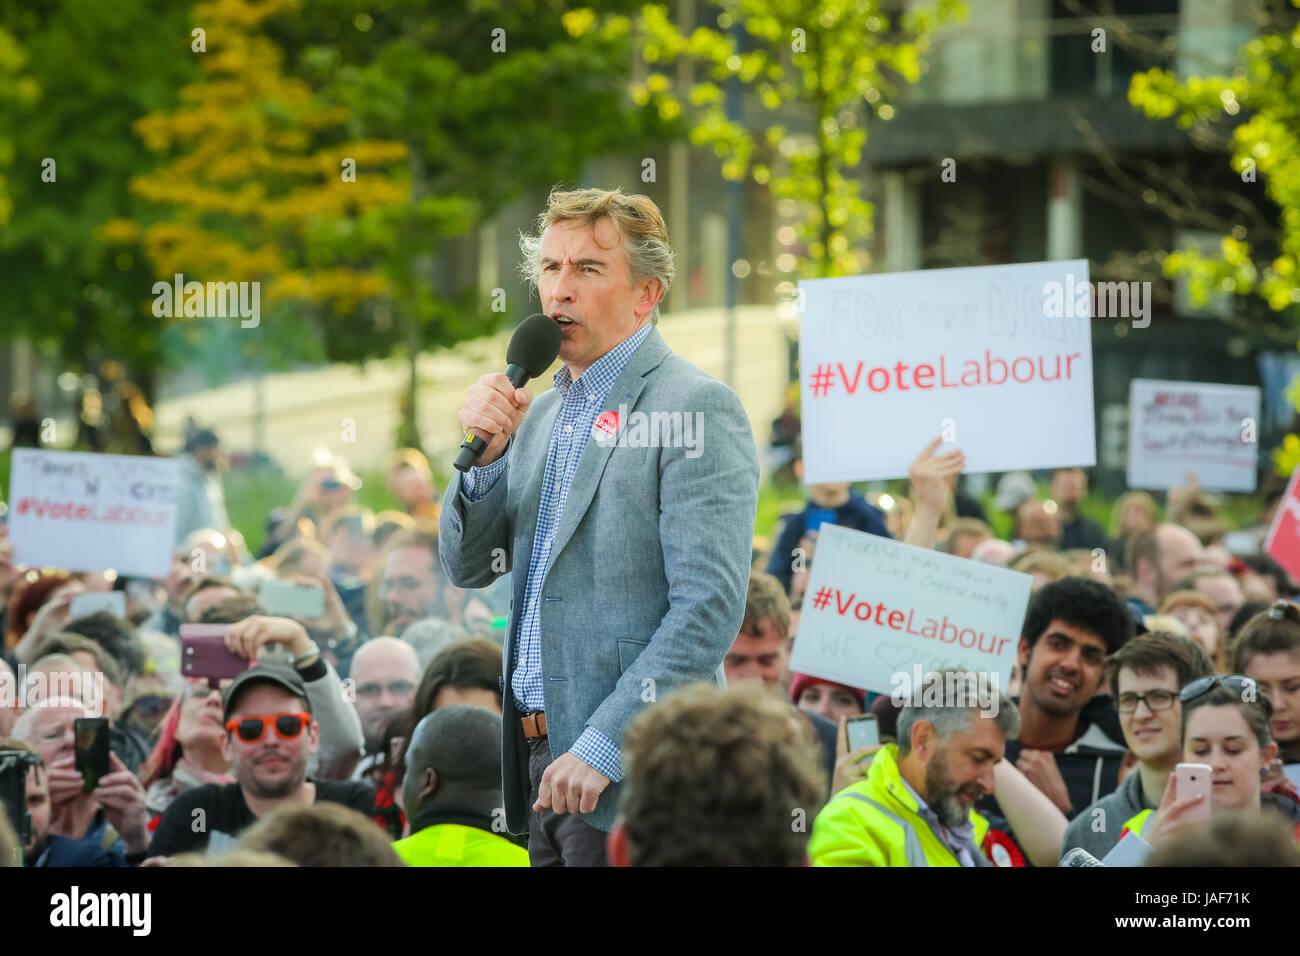 Birmingham, Reino Unido Martes 6 de junio de 2014. El actor y comediante Steve Coogan aborda una manifestación Imagen De Stock